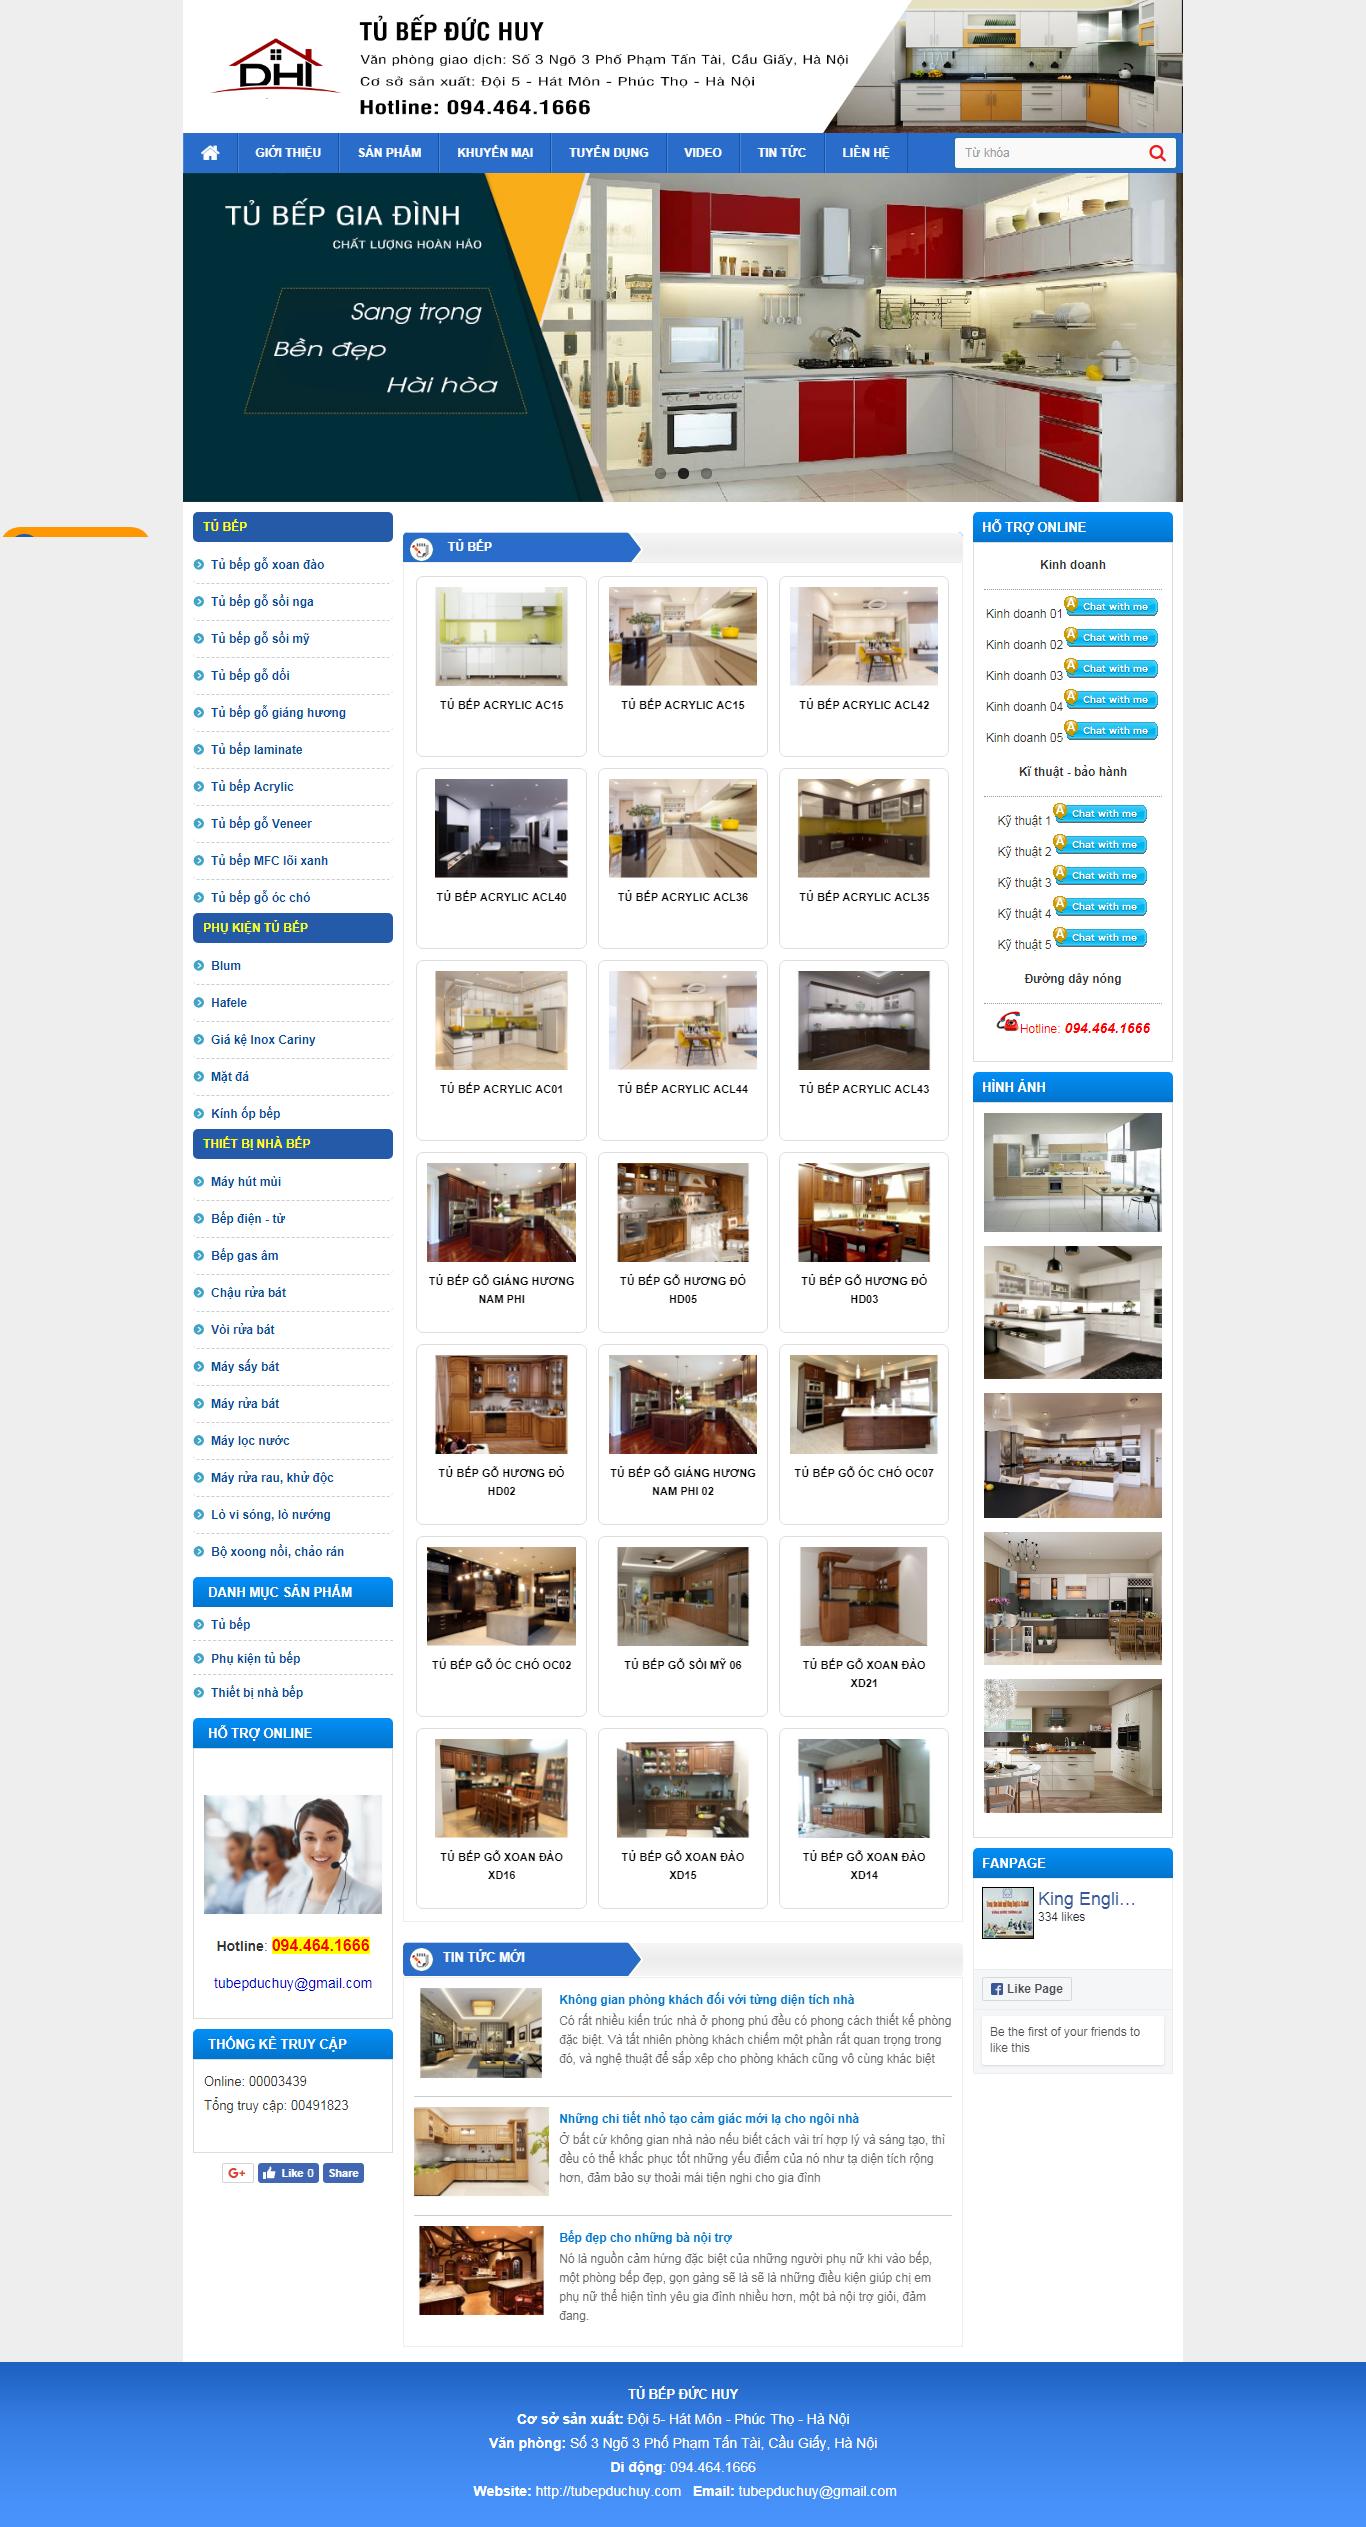 thiết kế web giá rẻ tủ bếp